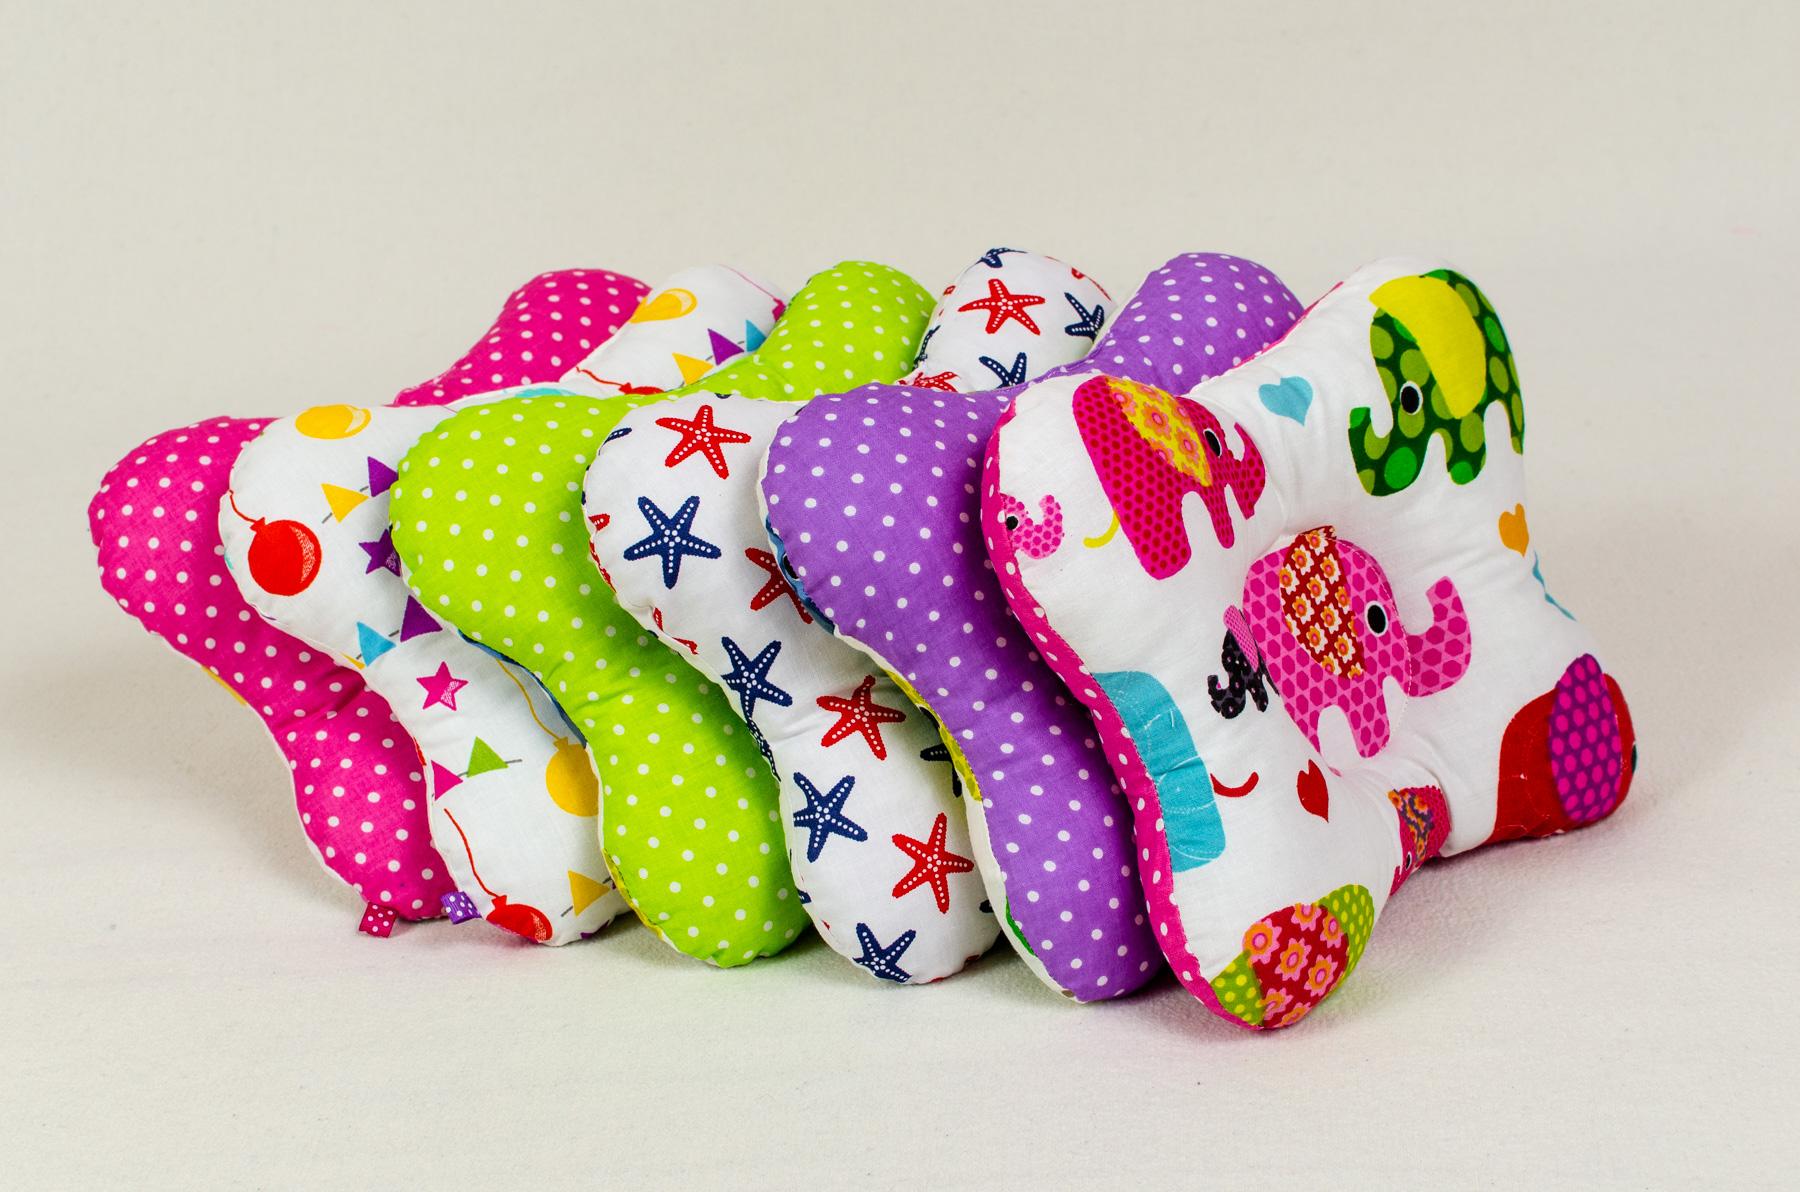 подушка для новорожденного варианты идеи